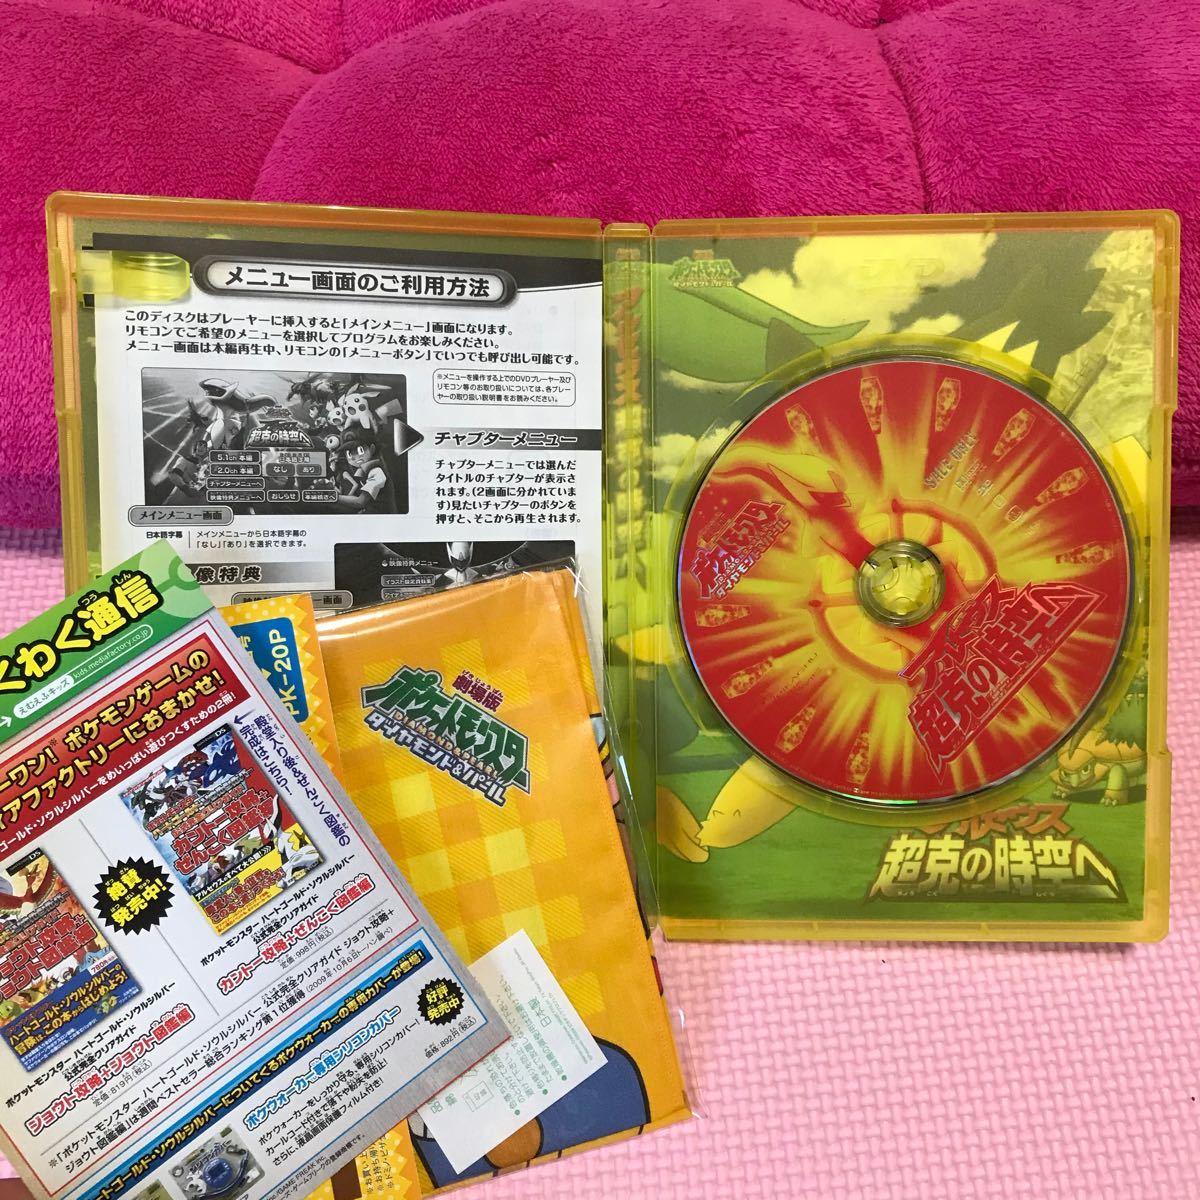 初回限定 劇場版 DVD ポケットモンスター 超克の時空へ アルセウス ポケモン